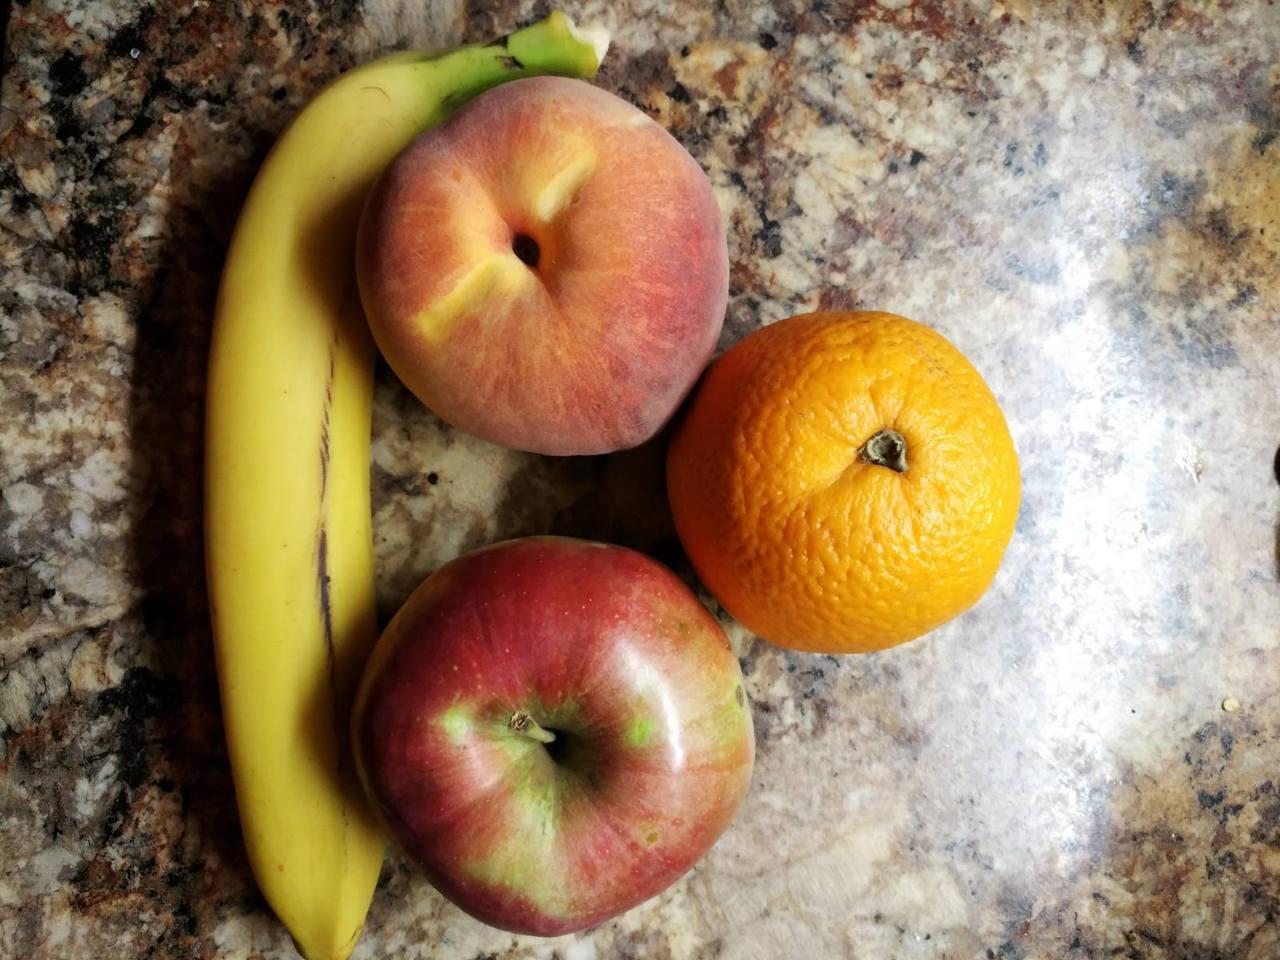 Frukto-salato por vespermanĝo: avantaĝoj kaj damaĝoj..